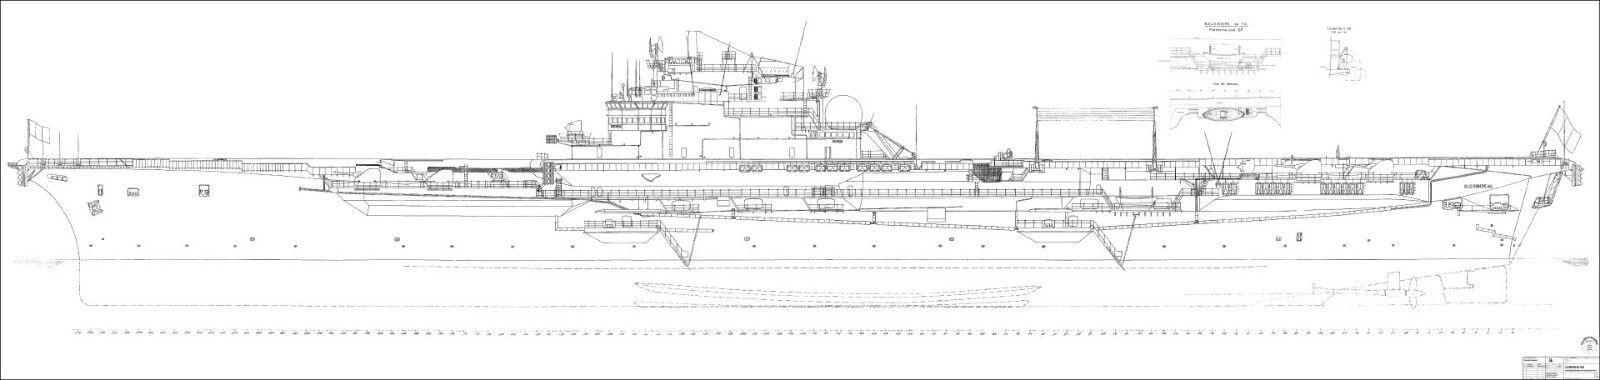 CleHommes ceau, porte-avions M M M 1/72. après chantier naval dessins stand 1961 plan de bâtiHommes t rc fbd0a9